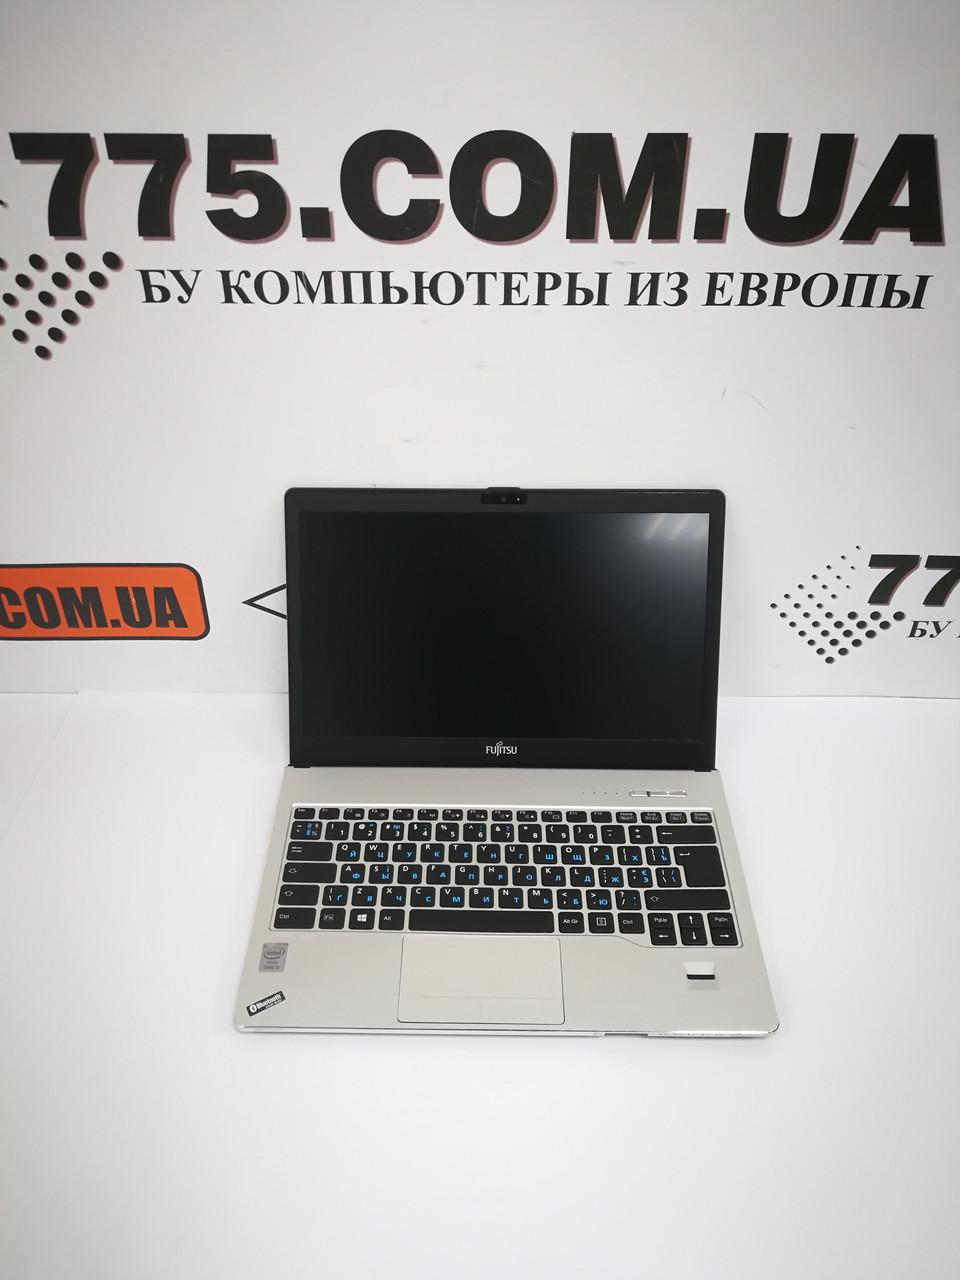 """Ноутбук Fujitsu LifeBook S904, 13.3"""", Intel Core i5-4200U 2.6GHz, RAM 8ГБ, SSD 240ГБ, В класс, фото 1"""